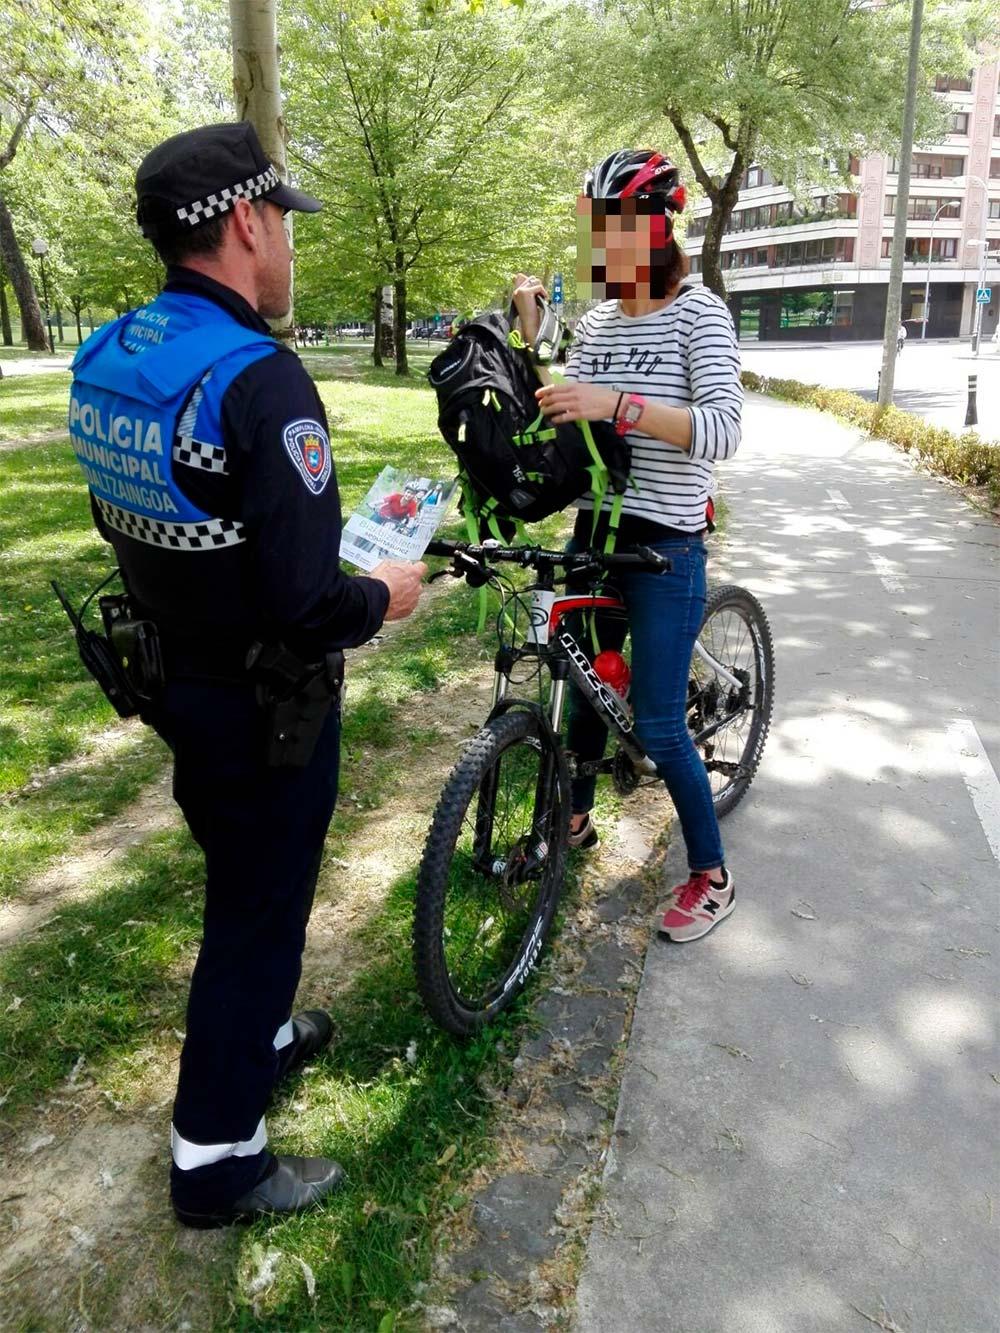 En TodoMountainBike: Una ciclista de Pamplona se cae de la bicicleta y le ponen una multa de 1.000 euros: triplicaba la tasa de alcohol permitida